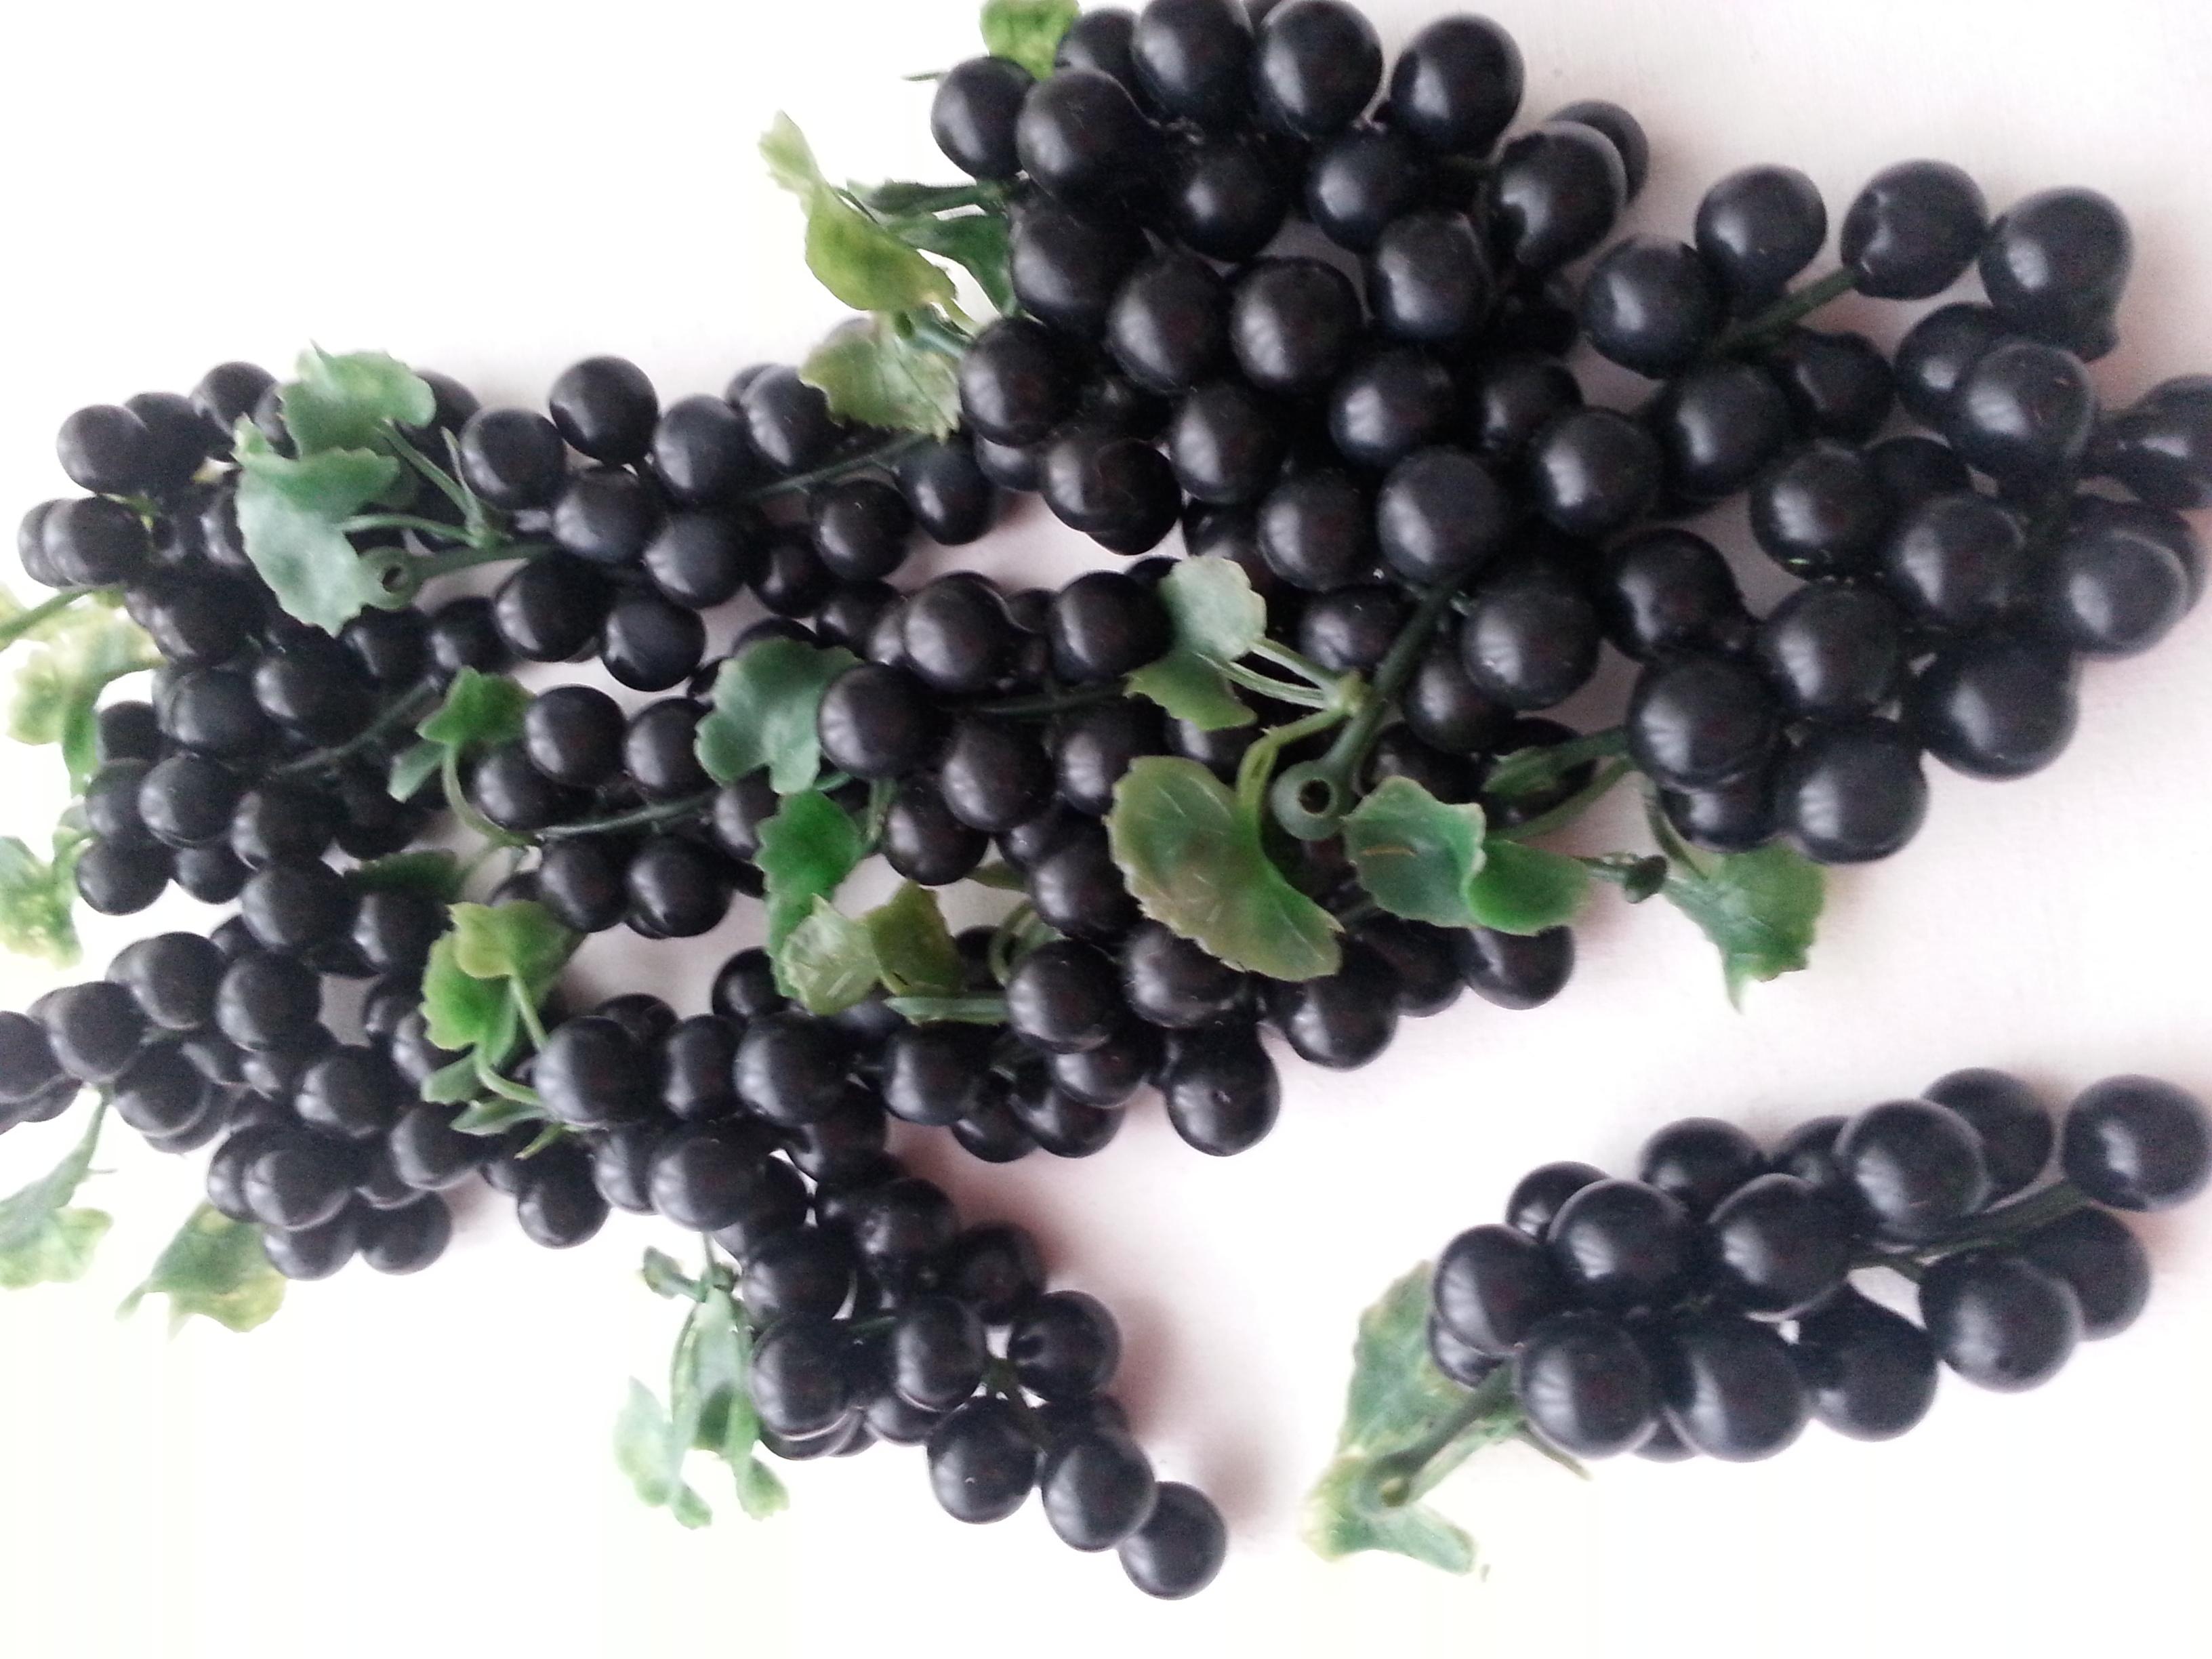 künstliche Weintrauben